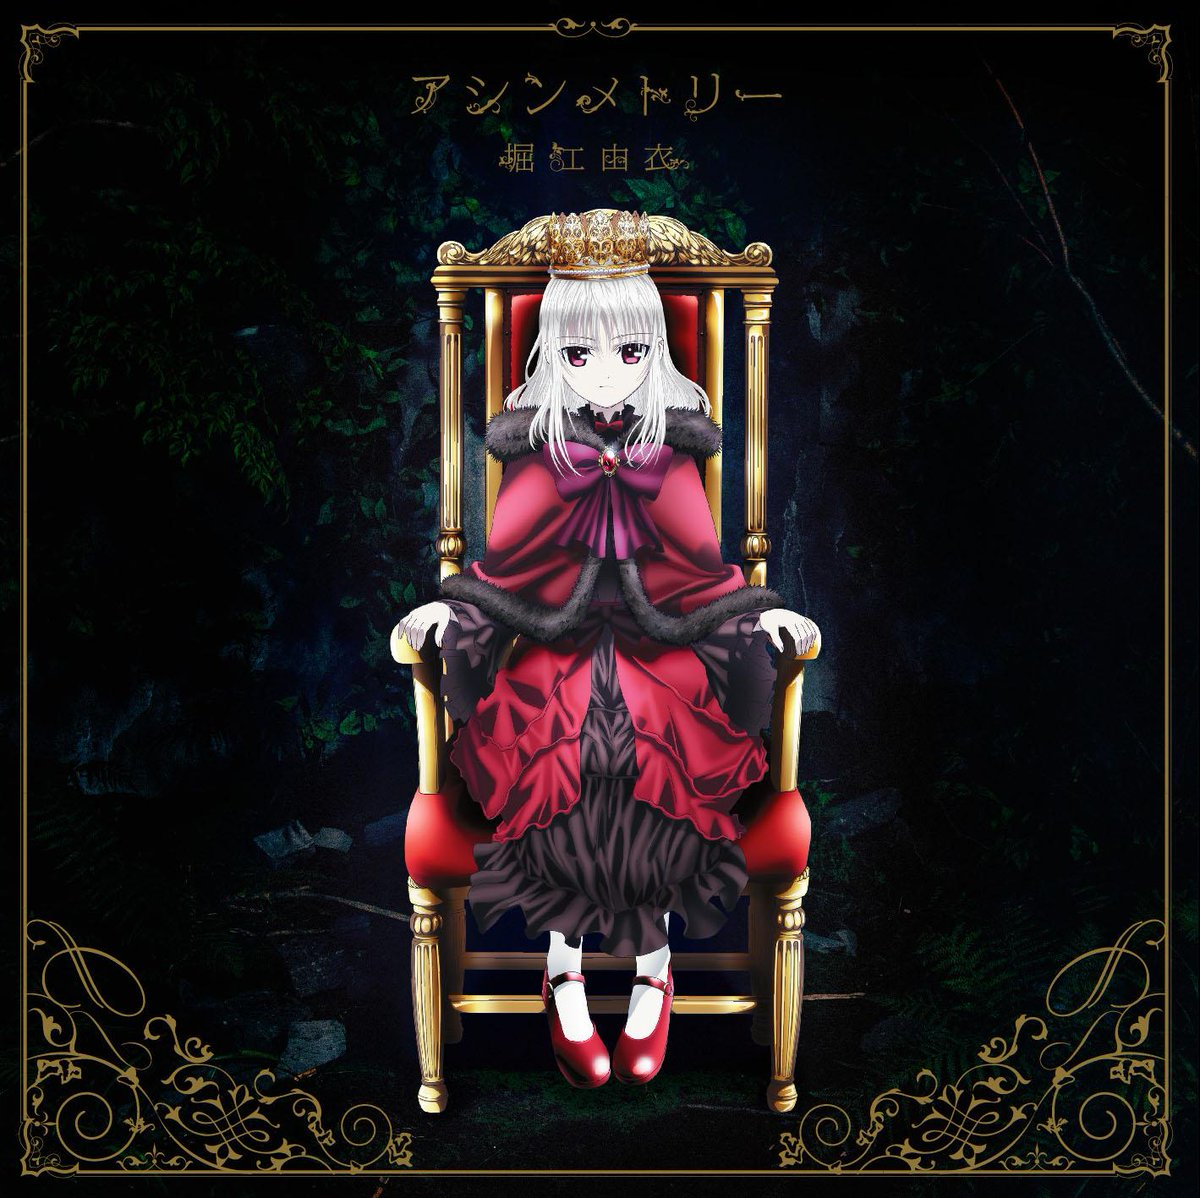 11月4日発売、堀江由衣さんが歌うオープニング主題歌「アシンメトリー」、11/18発売、カスタマイZさんが歌うエンディン